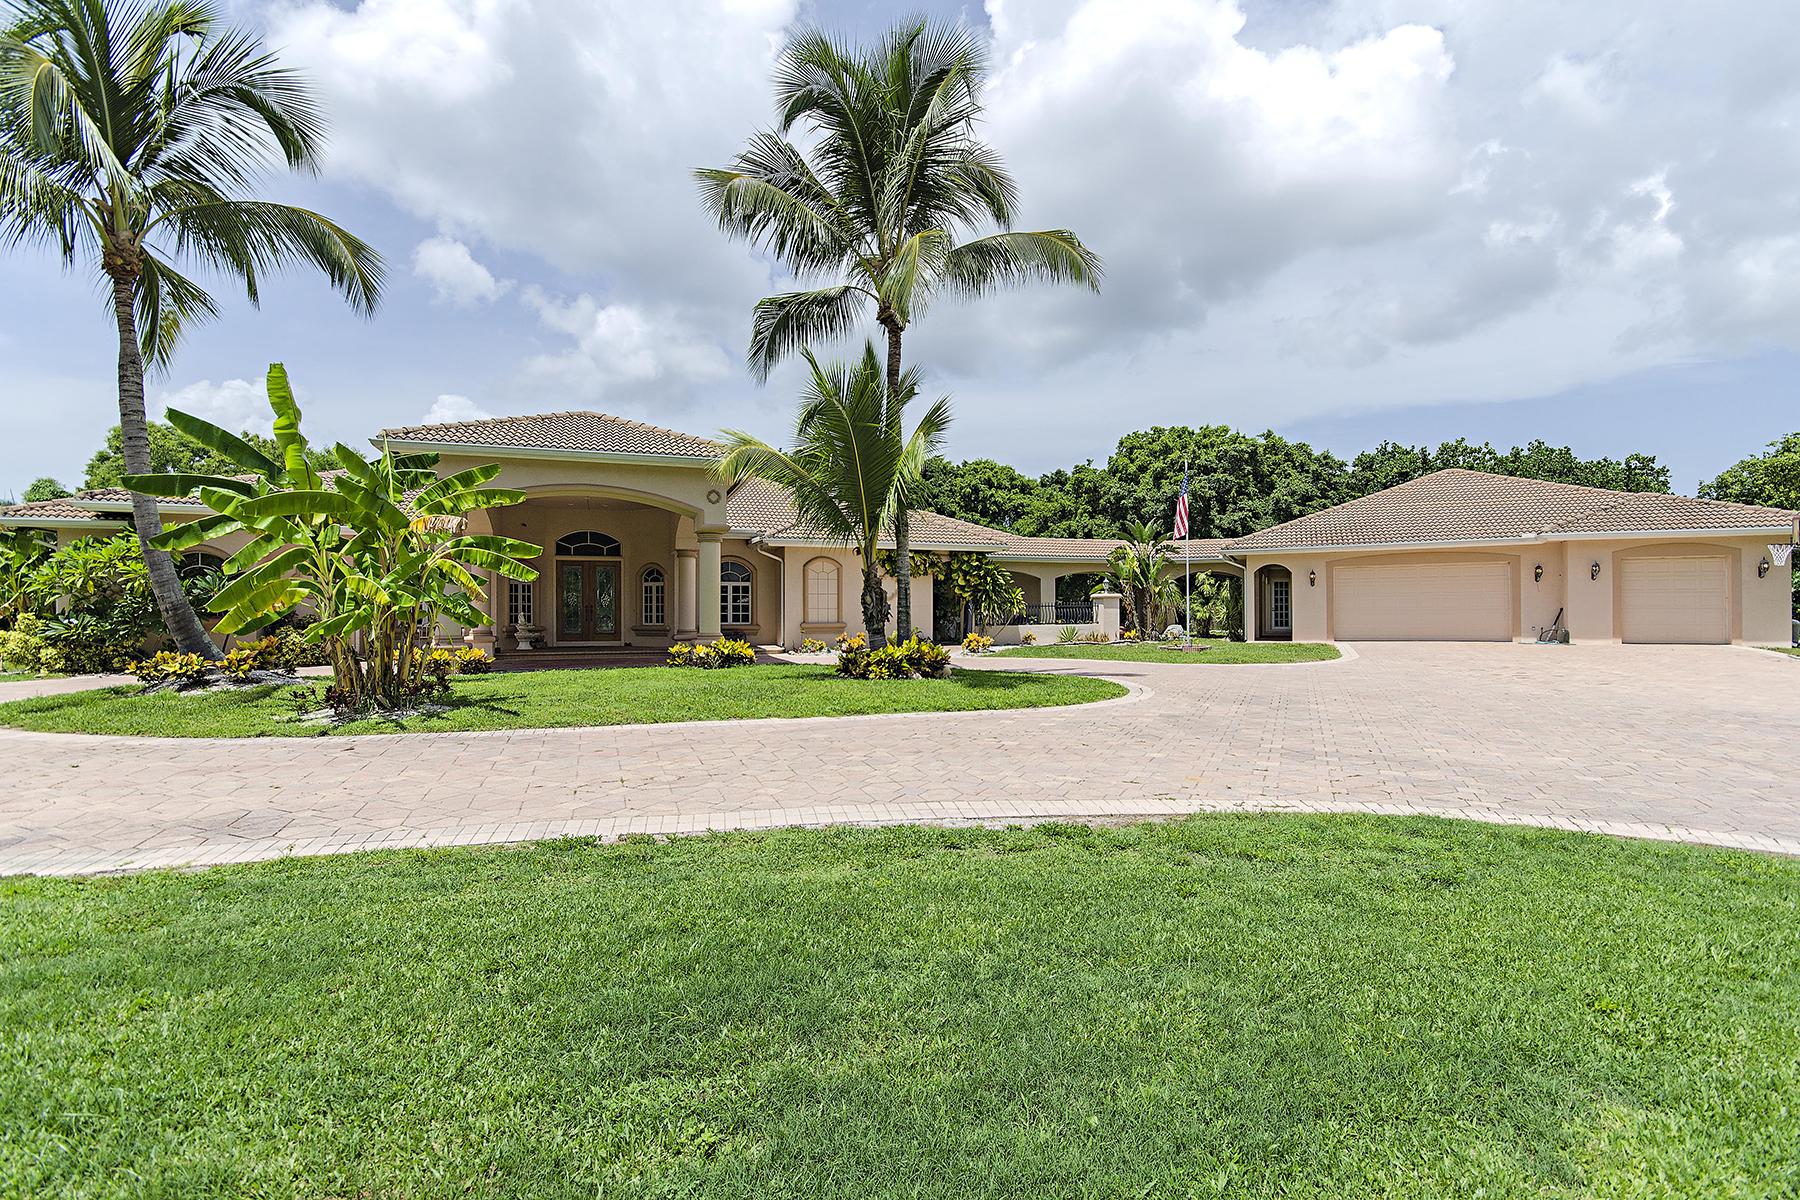 단독 가정 주택 용 매매 에 FT MYERS 15810 Cook Rd Fort Myers, 플로리다 33908 미국